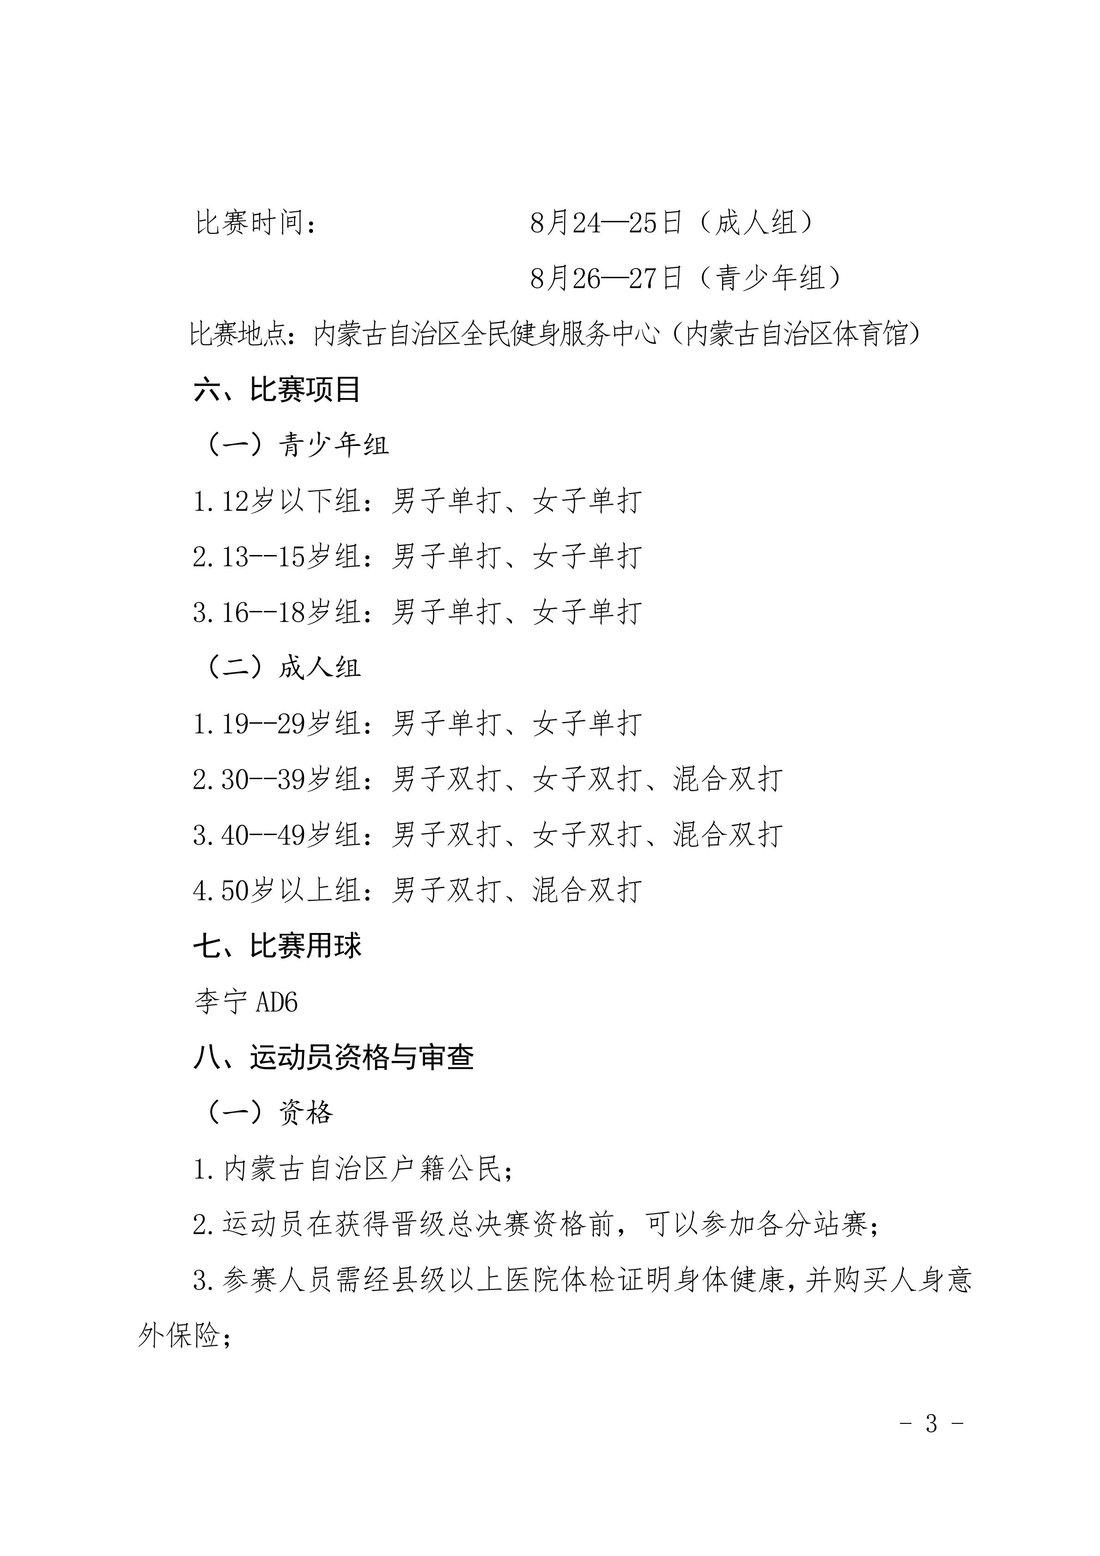 第六届羽毛球公开赛竞赛规程_02.jpg